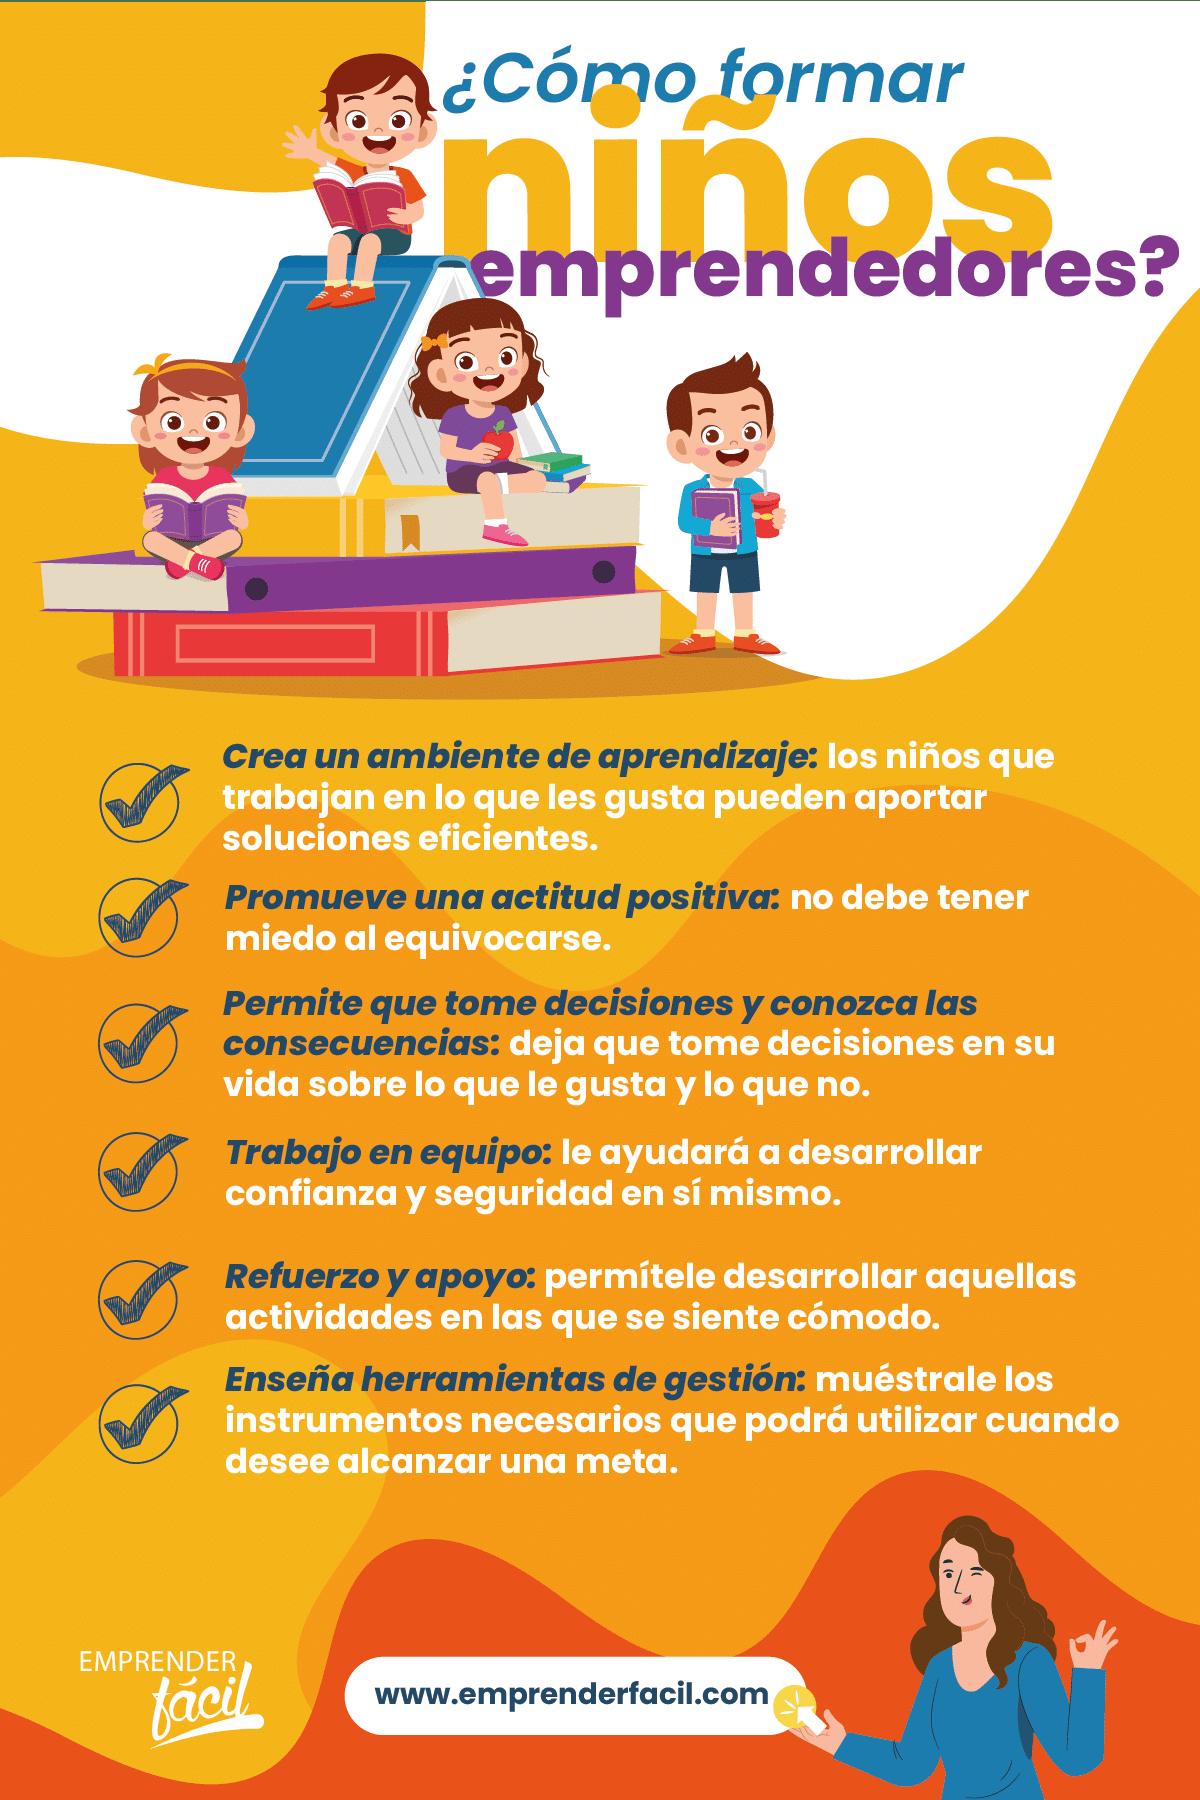 ¿Cómo formar niños emprendedores?